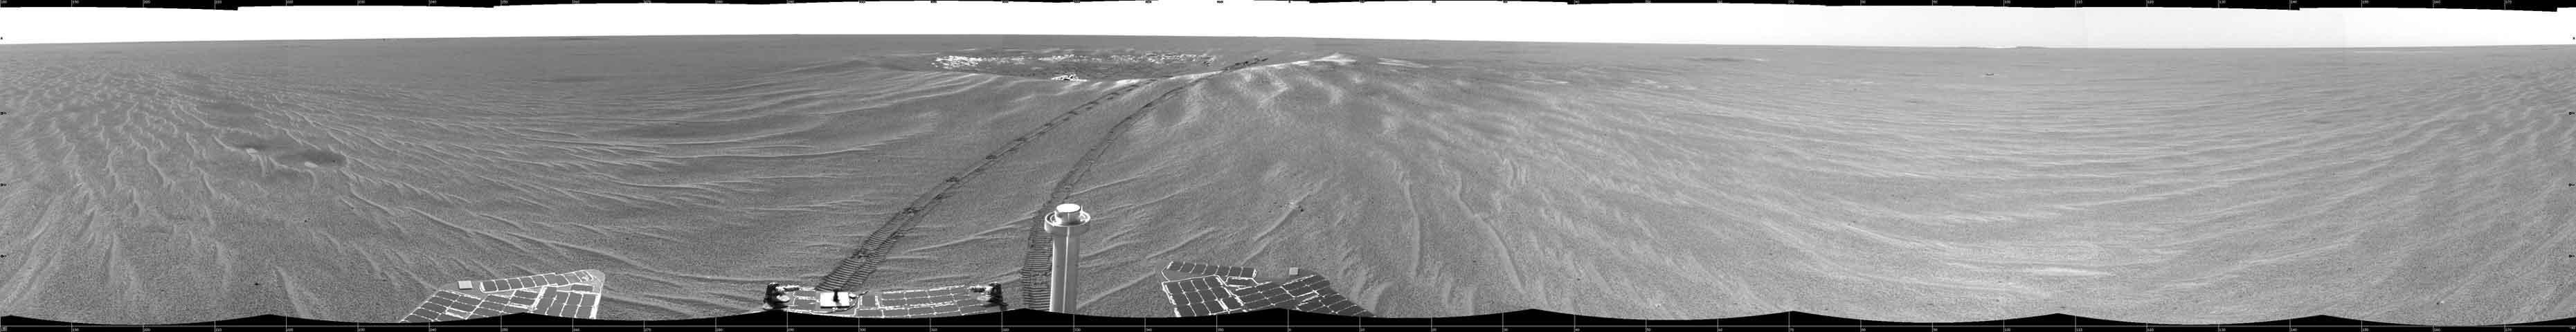 Hoyuelos intrigantes cerca del Cráter Eagle en Marte